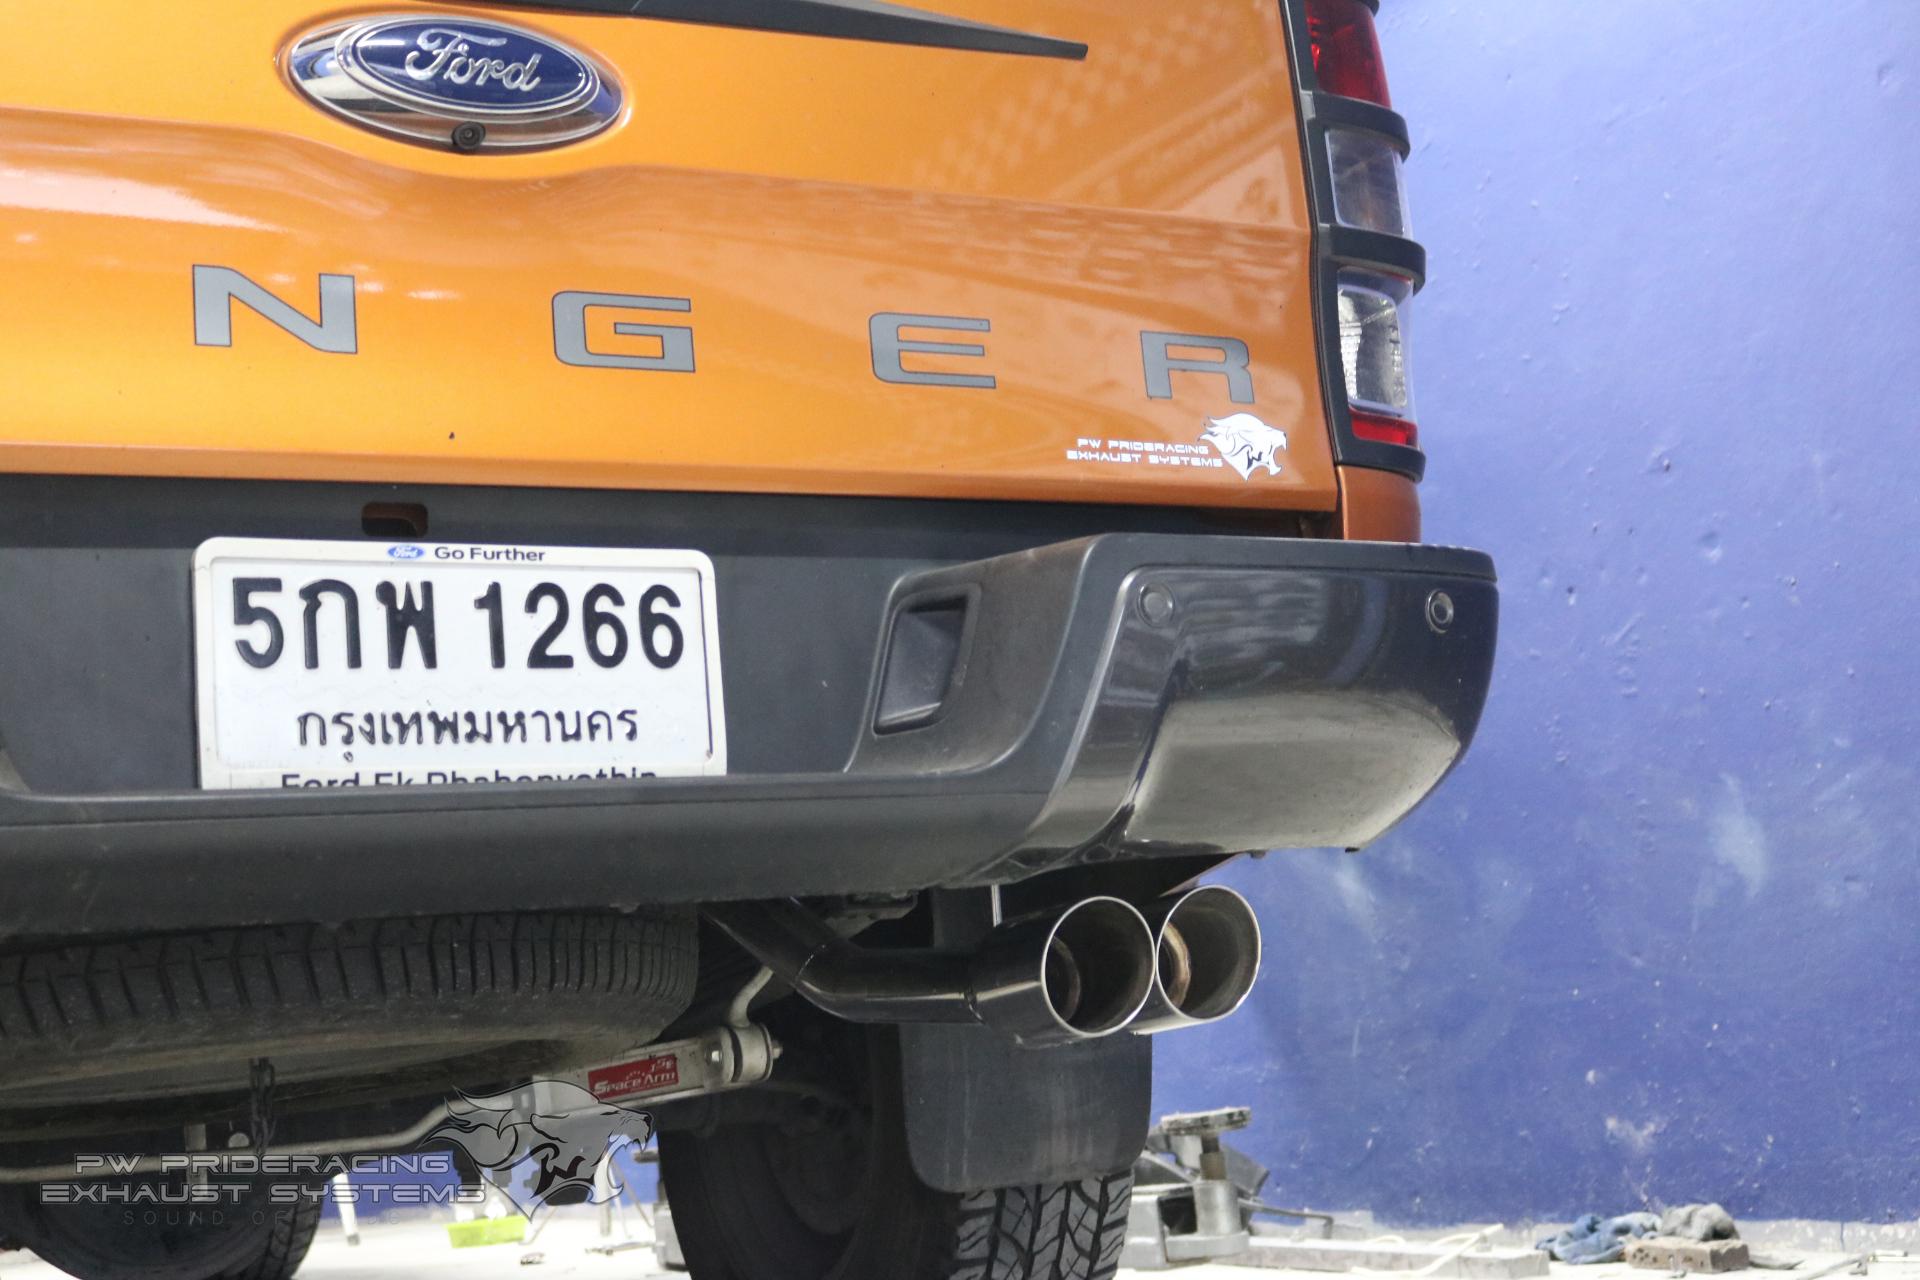 ชุดท่อไอเสีย Ford Ranger 3.2